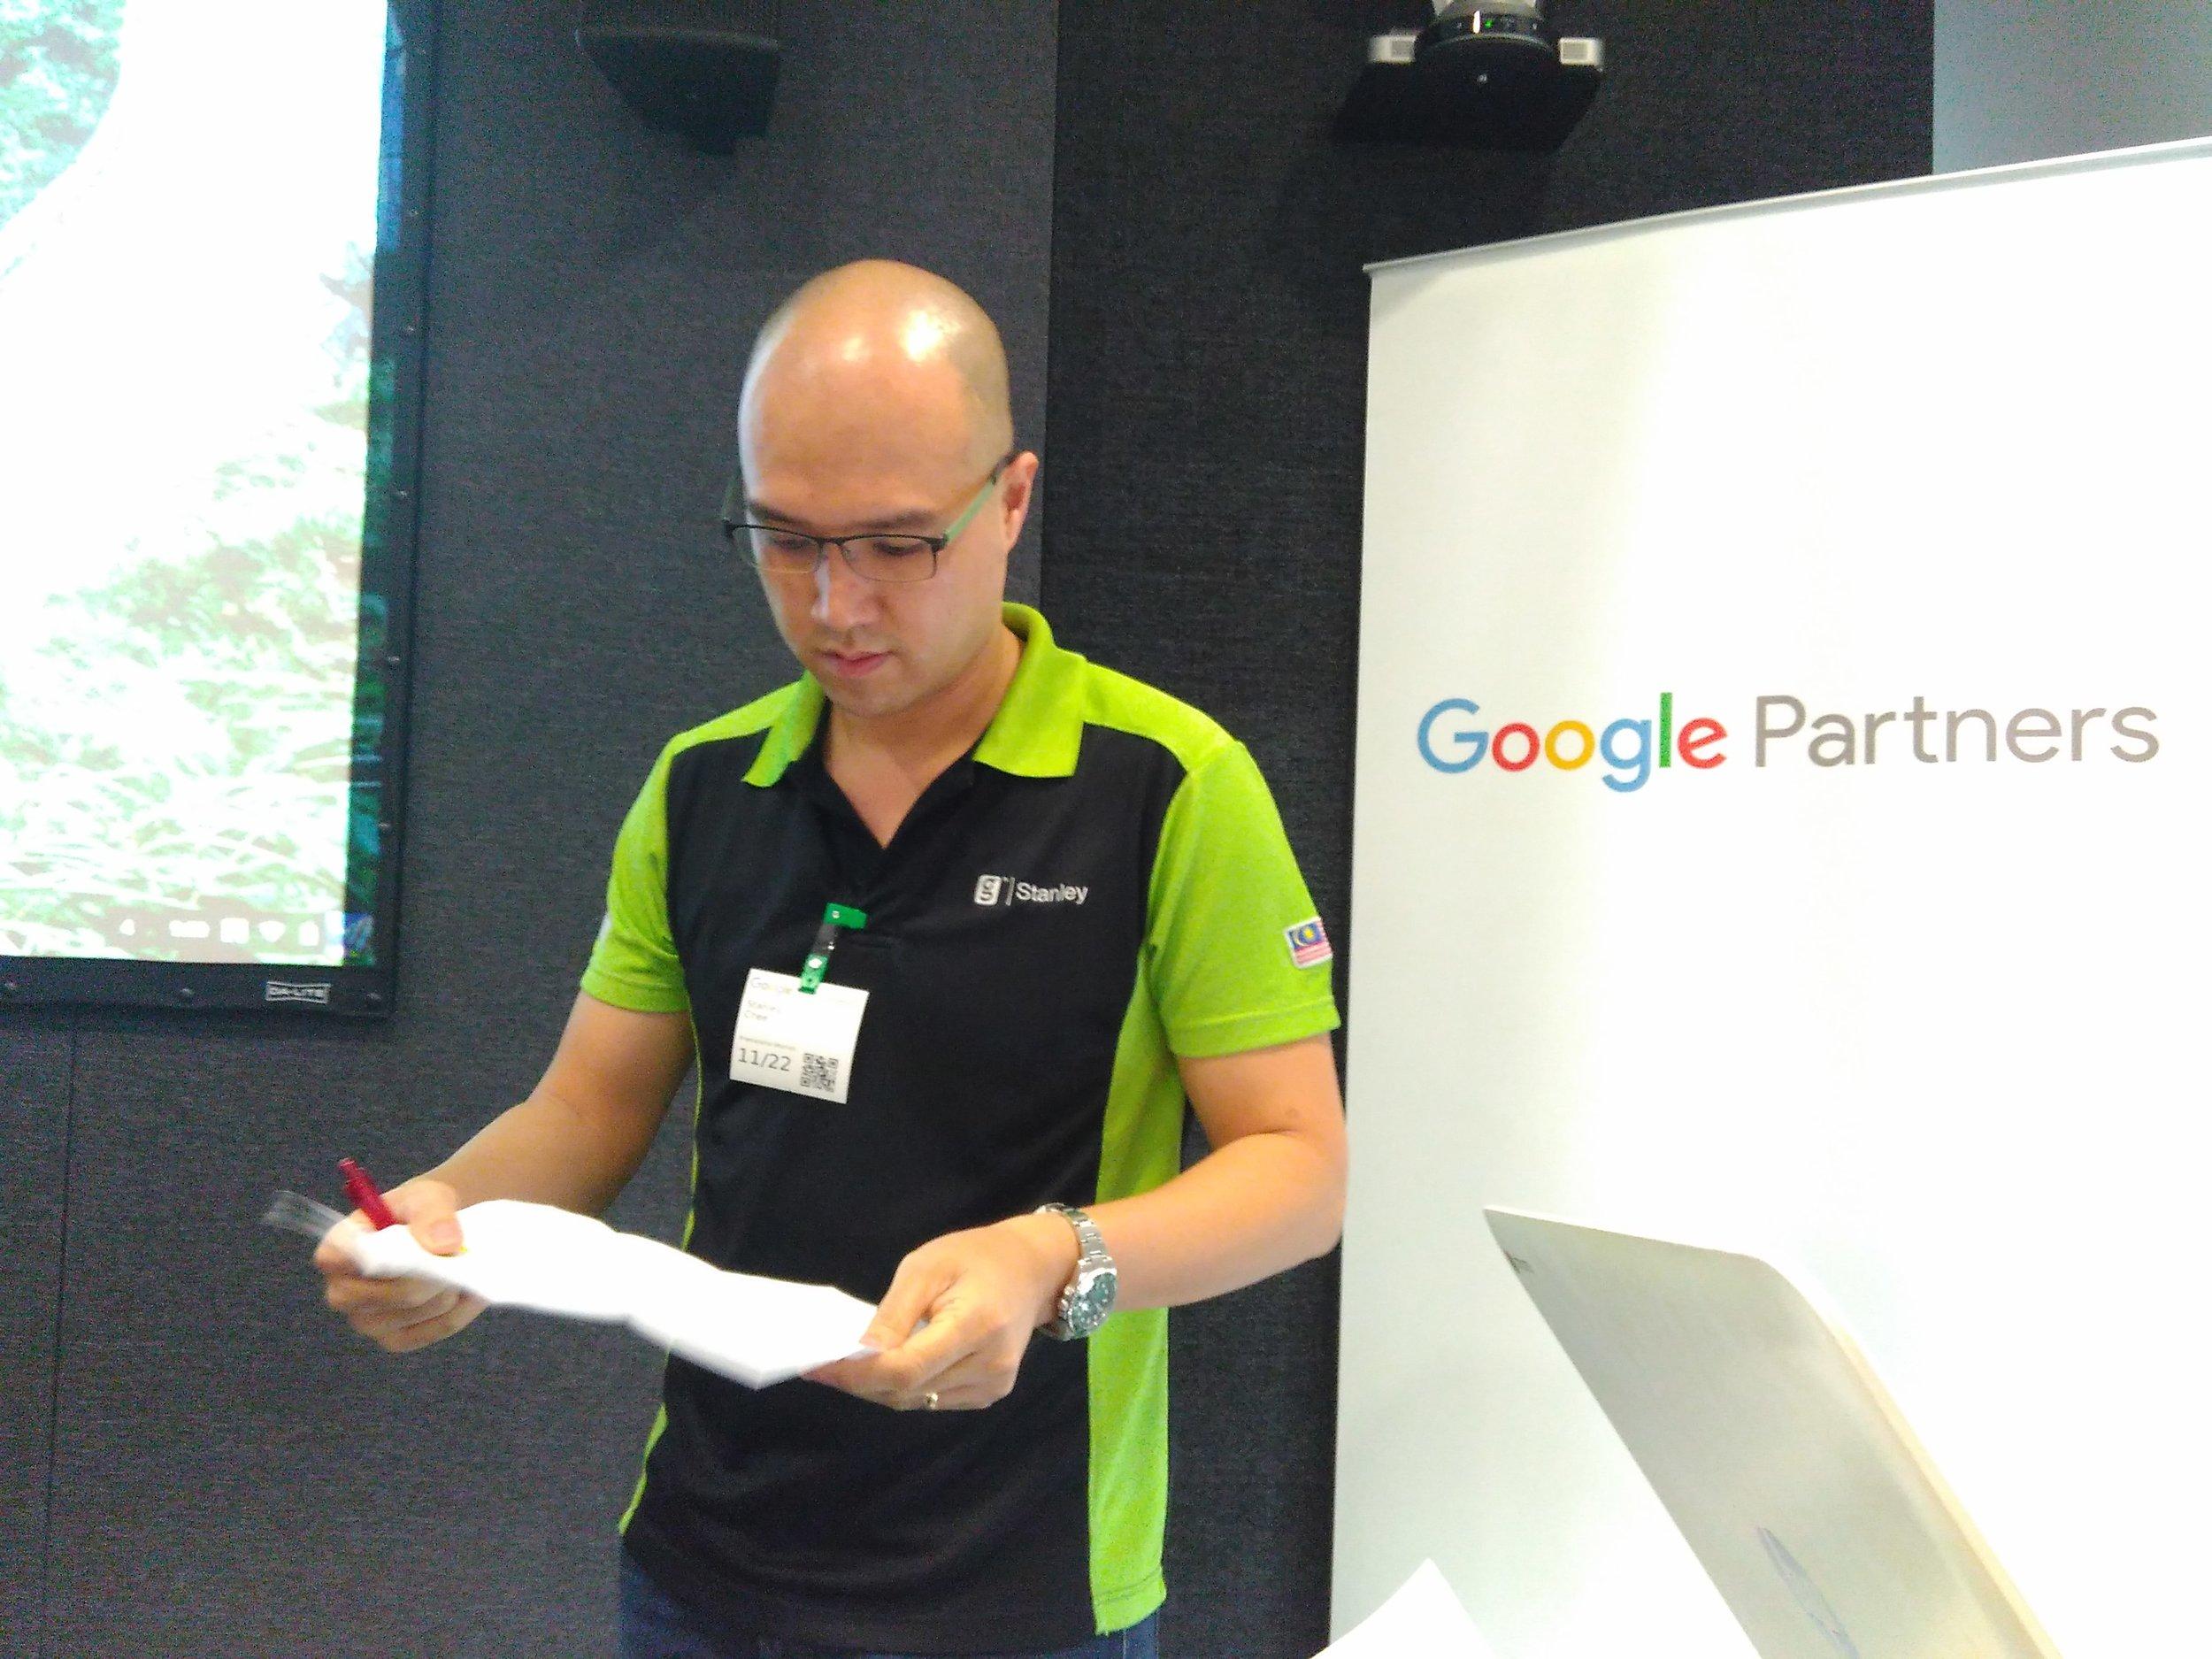 Google Regional Trainer, Stanley Chee